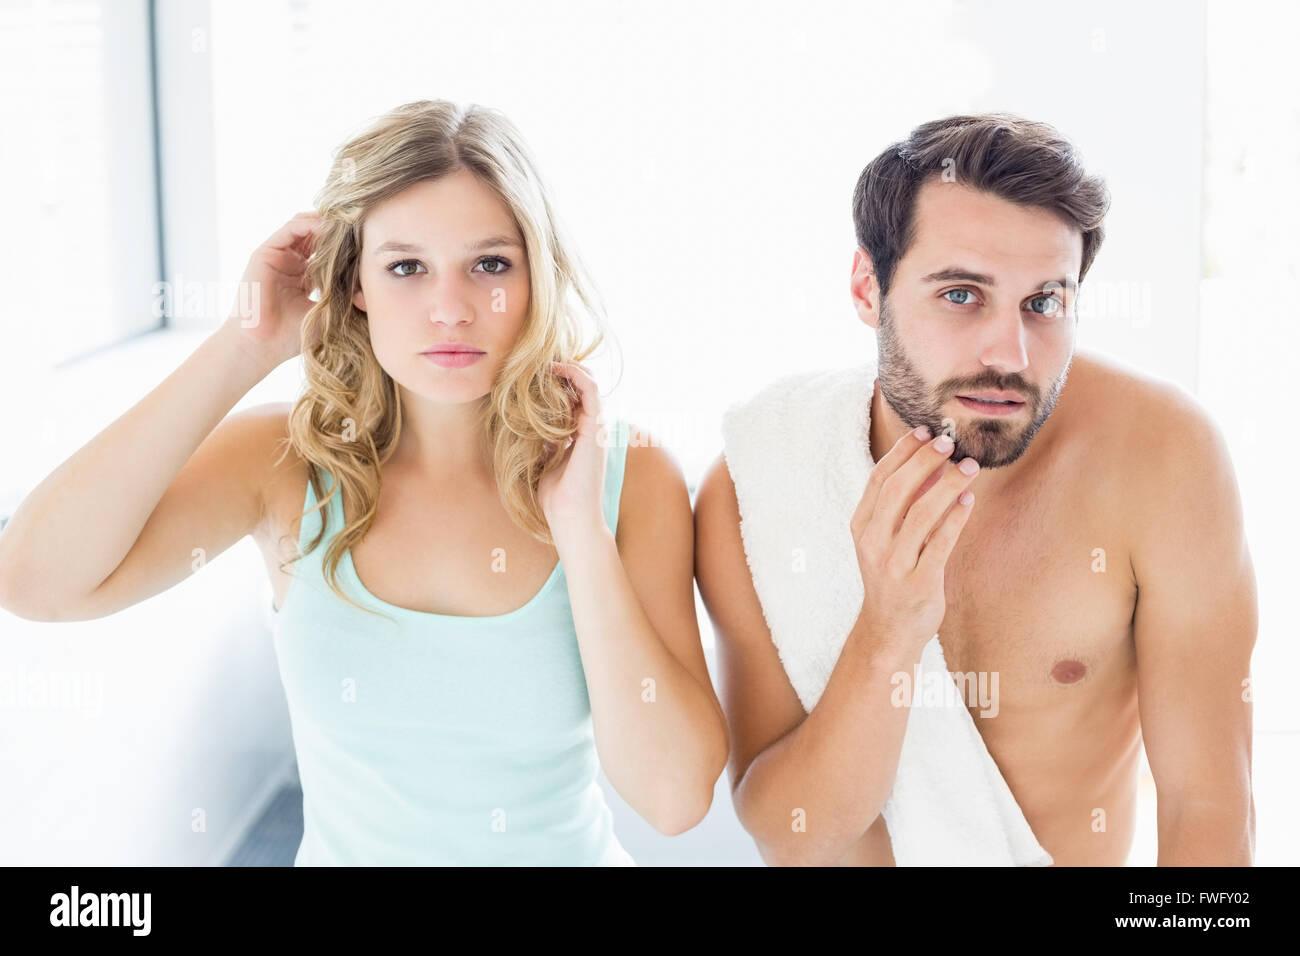 Mann und Frau, die Überprüfung ihrer Haut im Badezimmer Stockbild